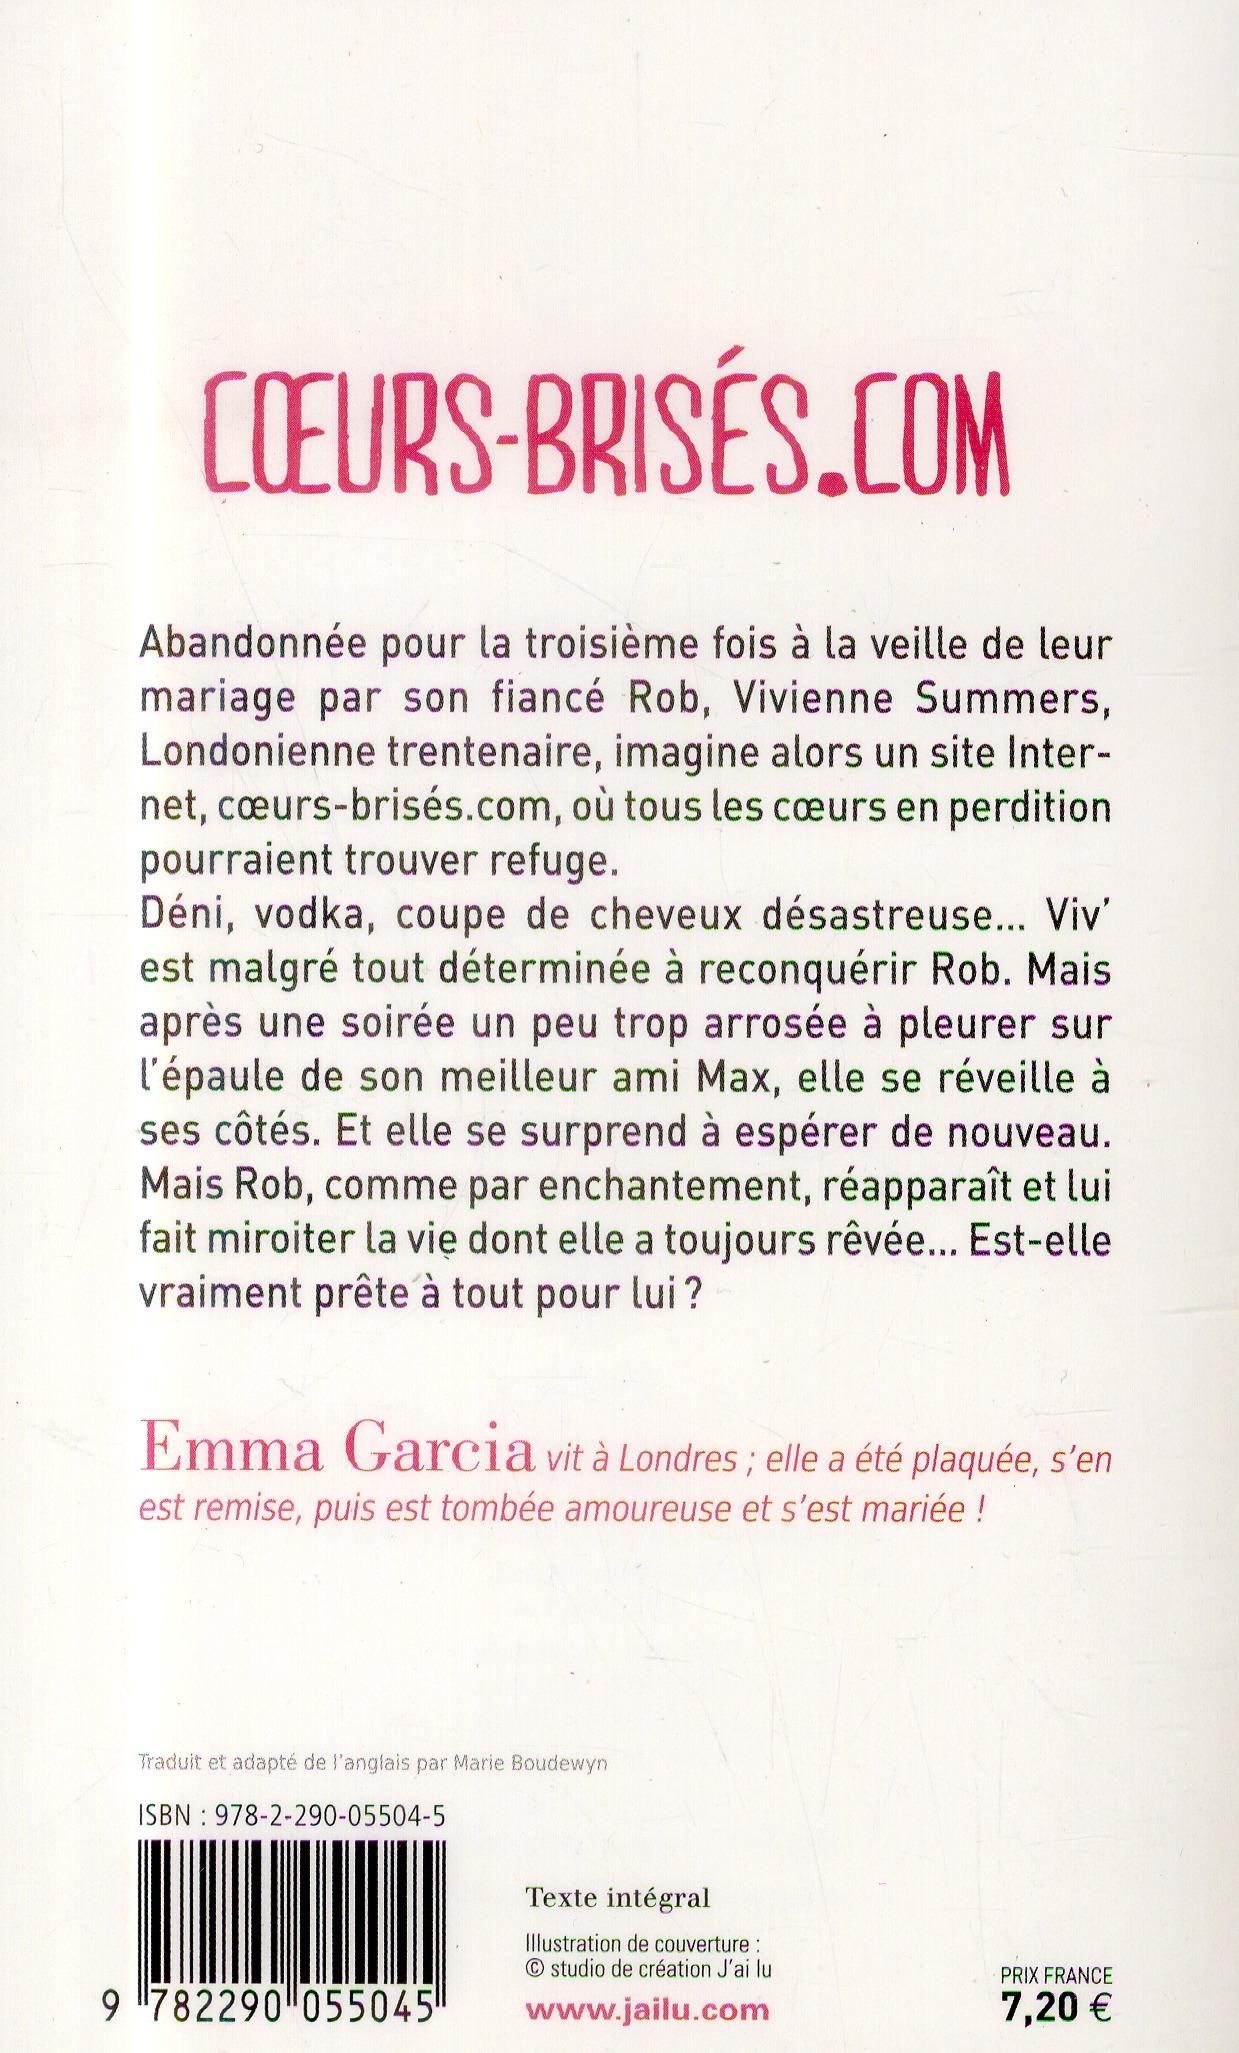 Coeurs brisés.com